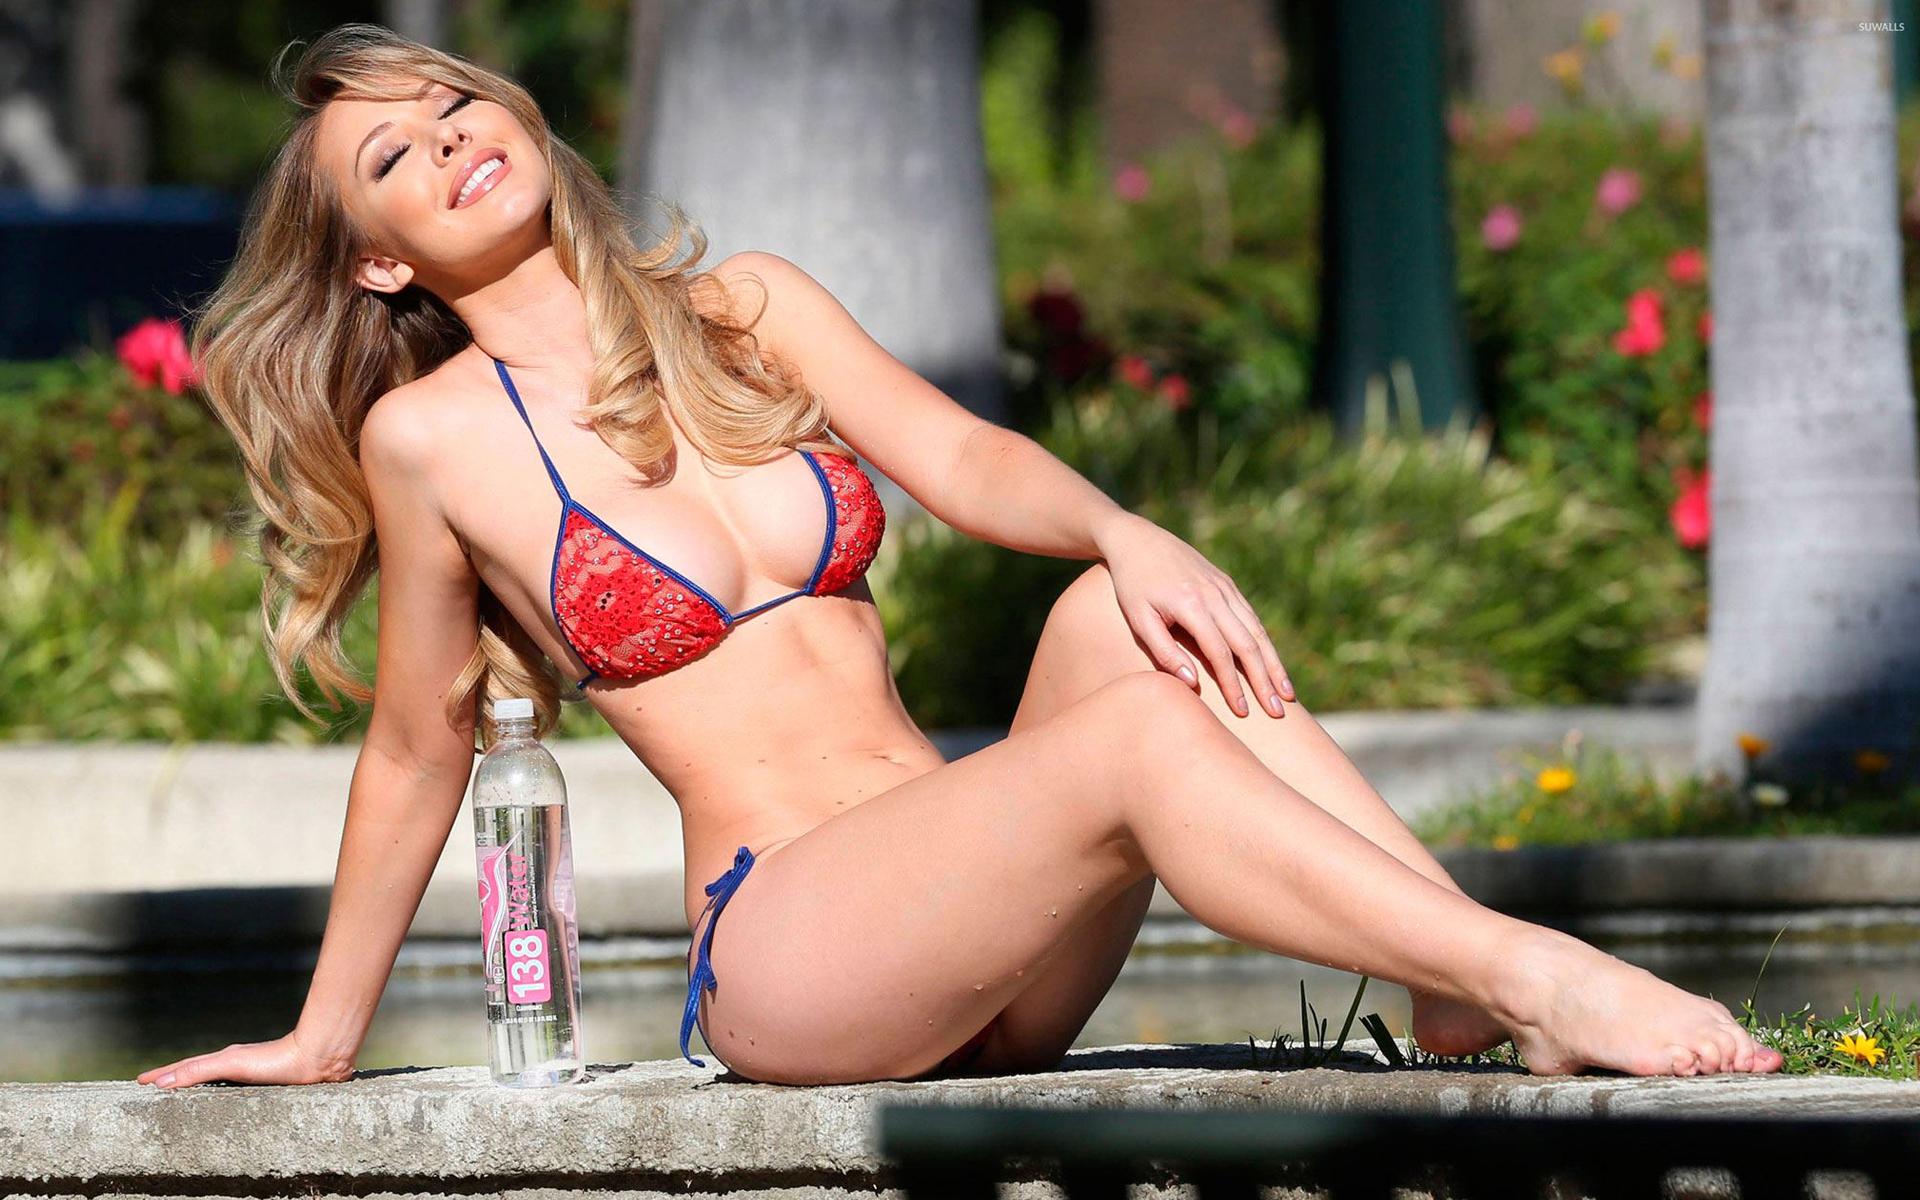 Tiffany lakosky bikini photos